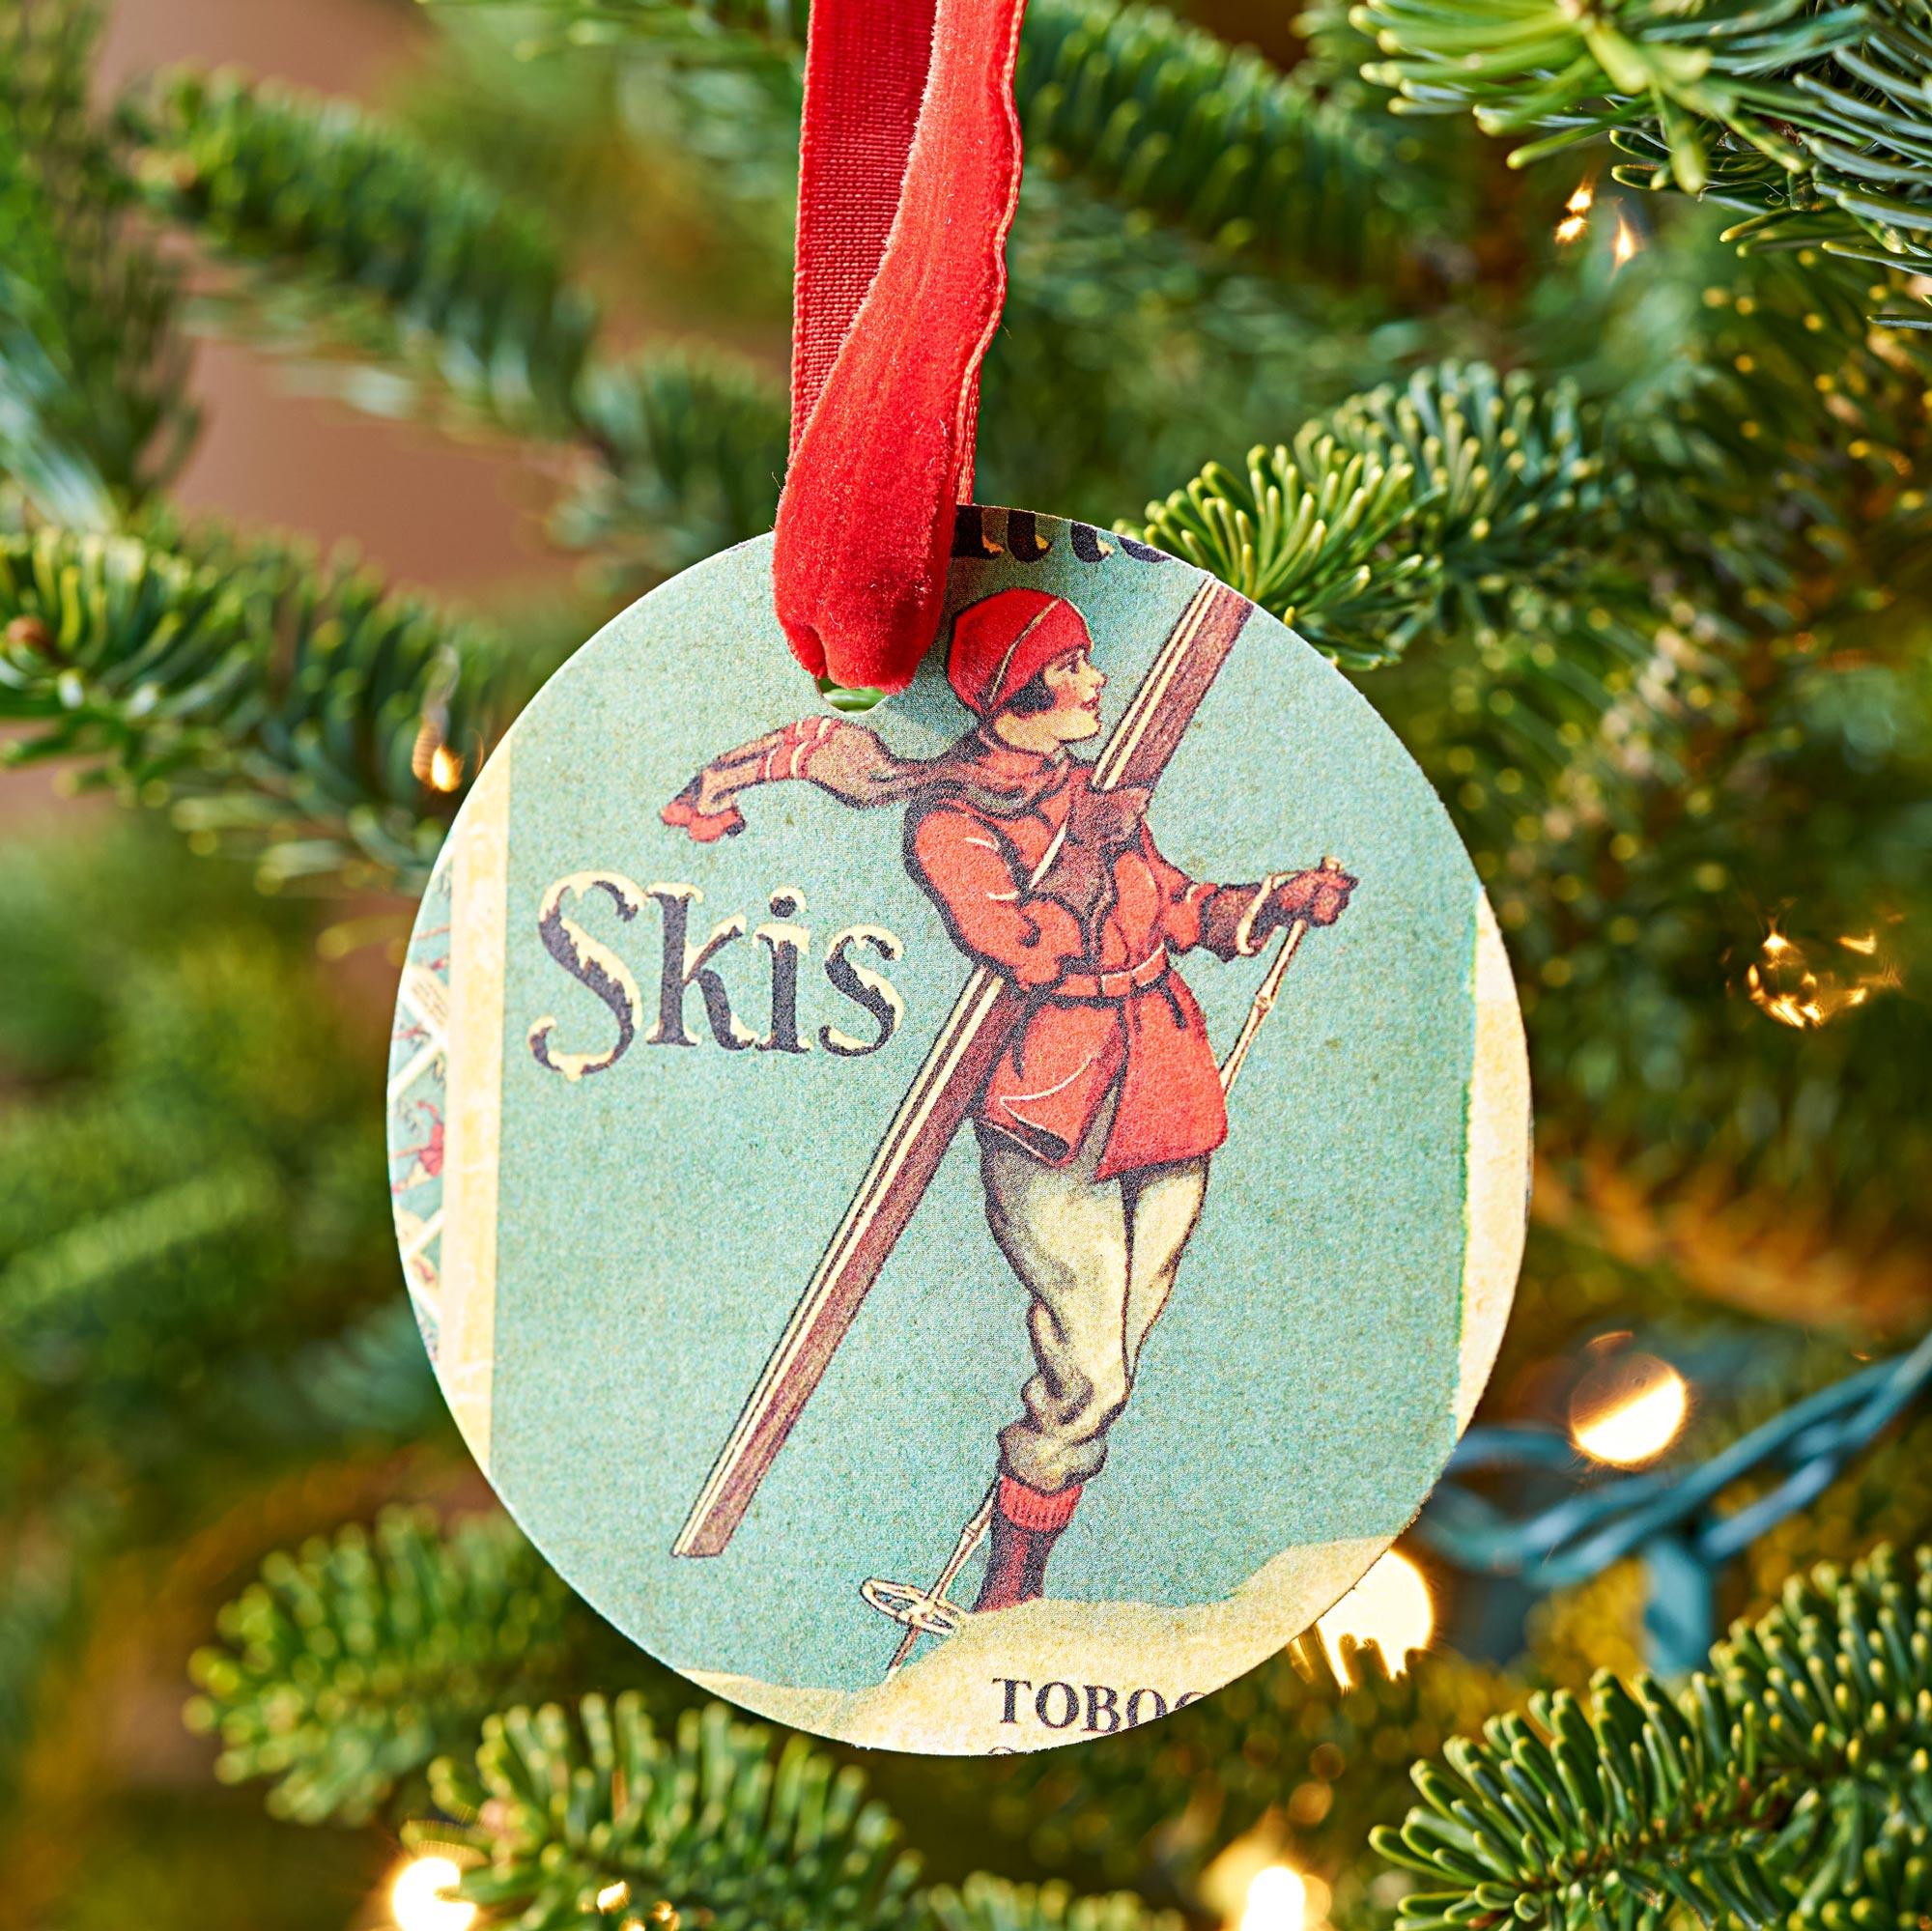 Postcard ornaments